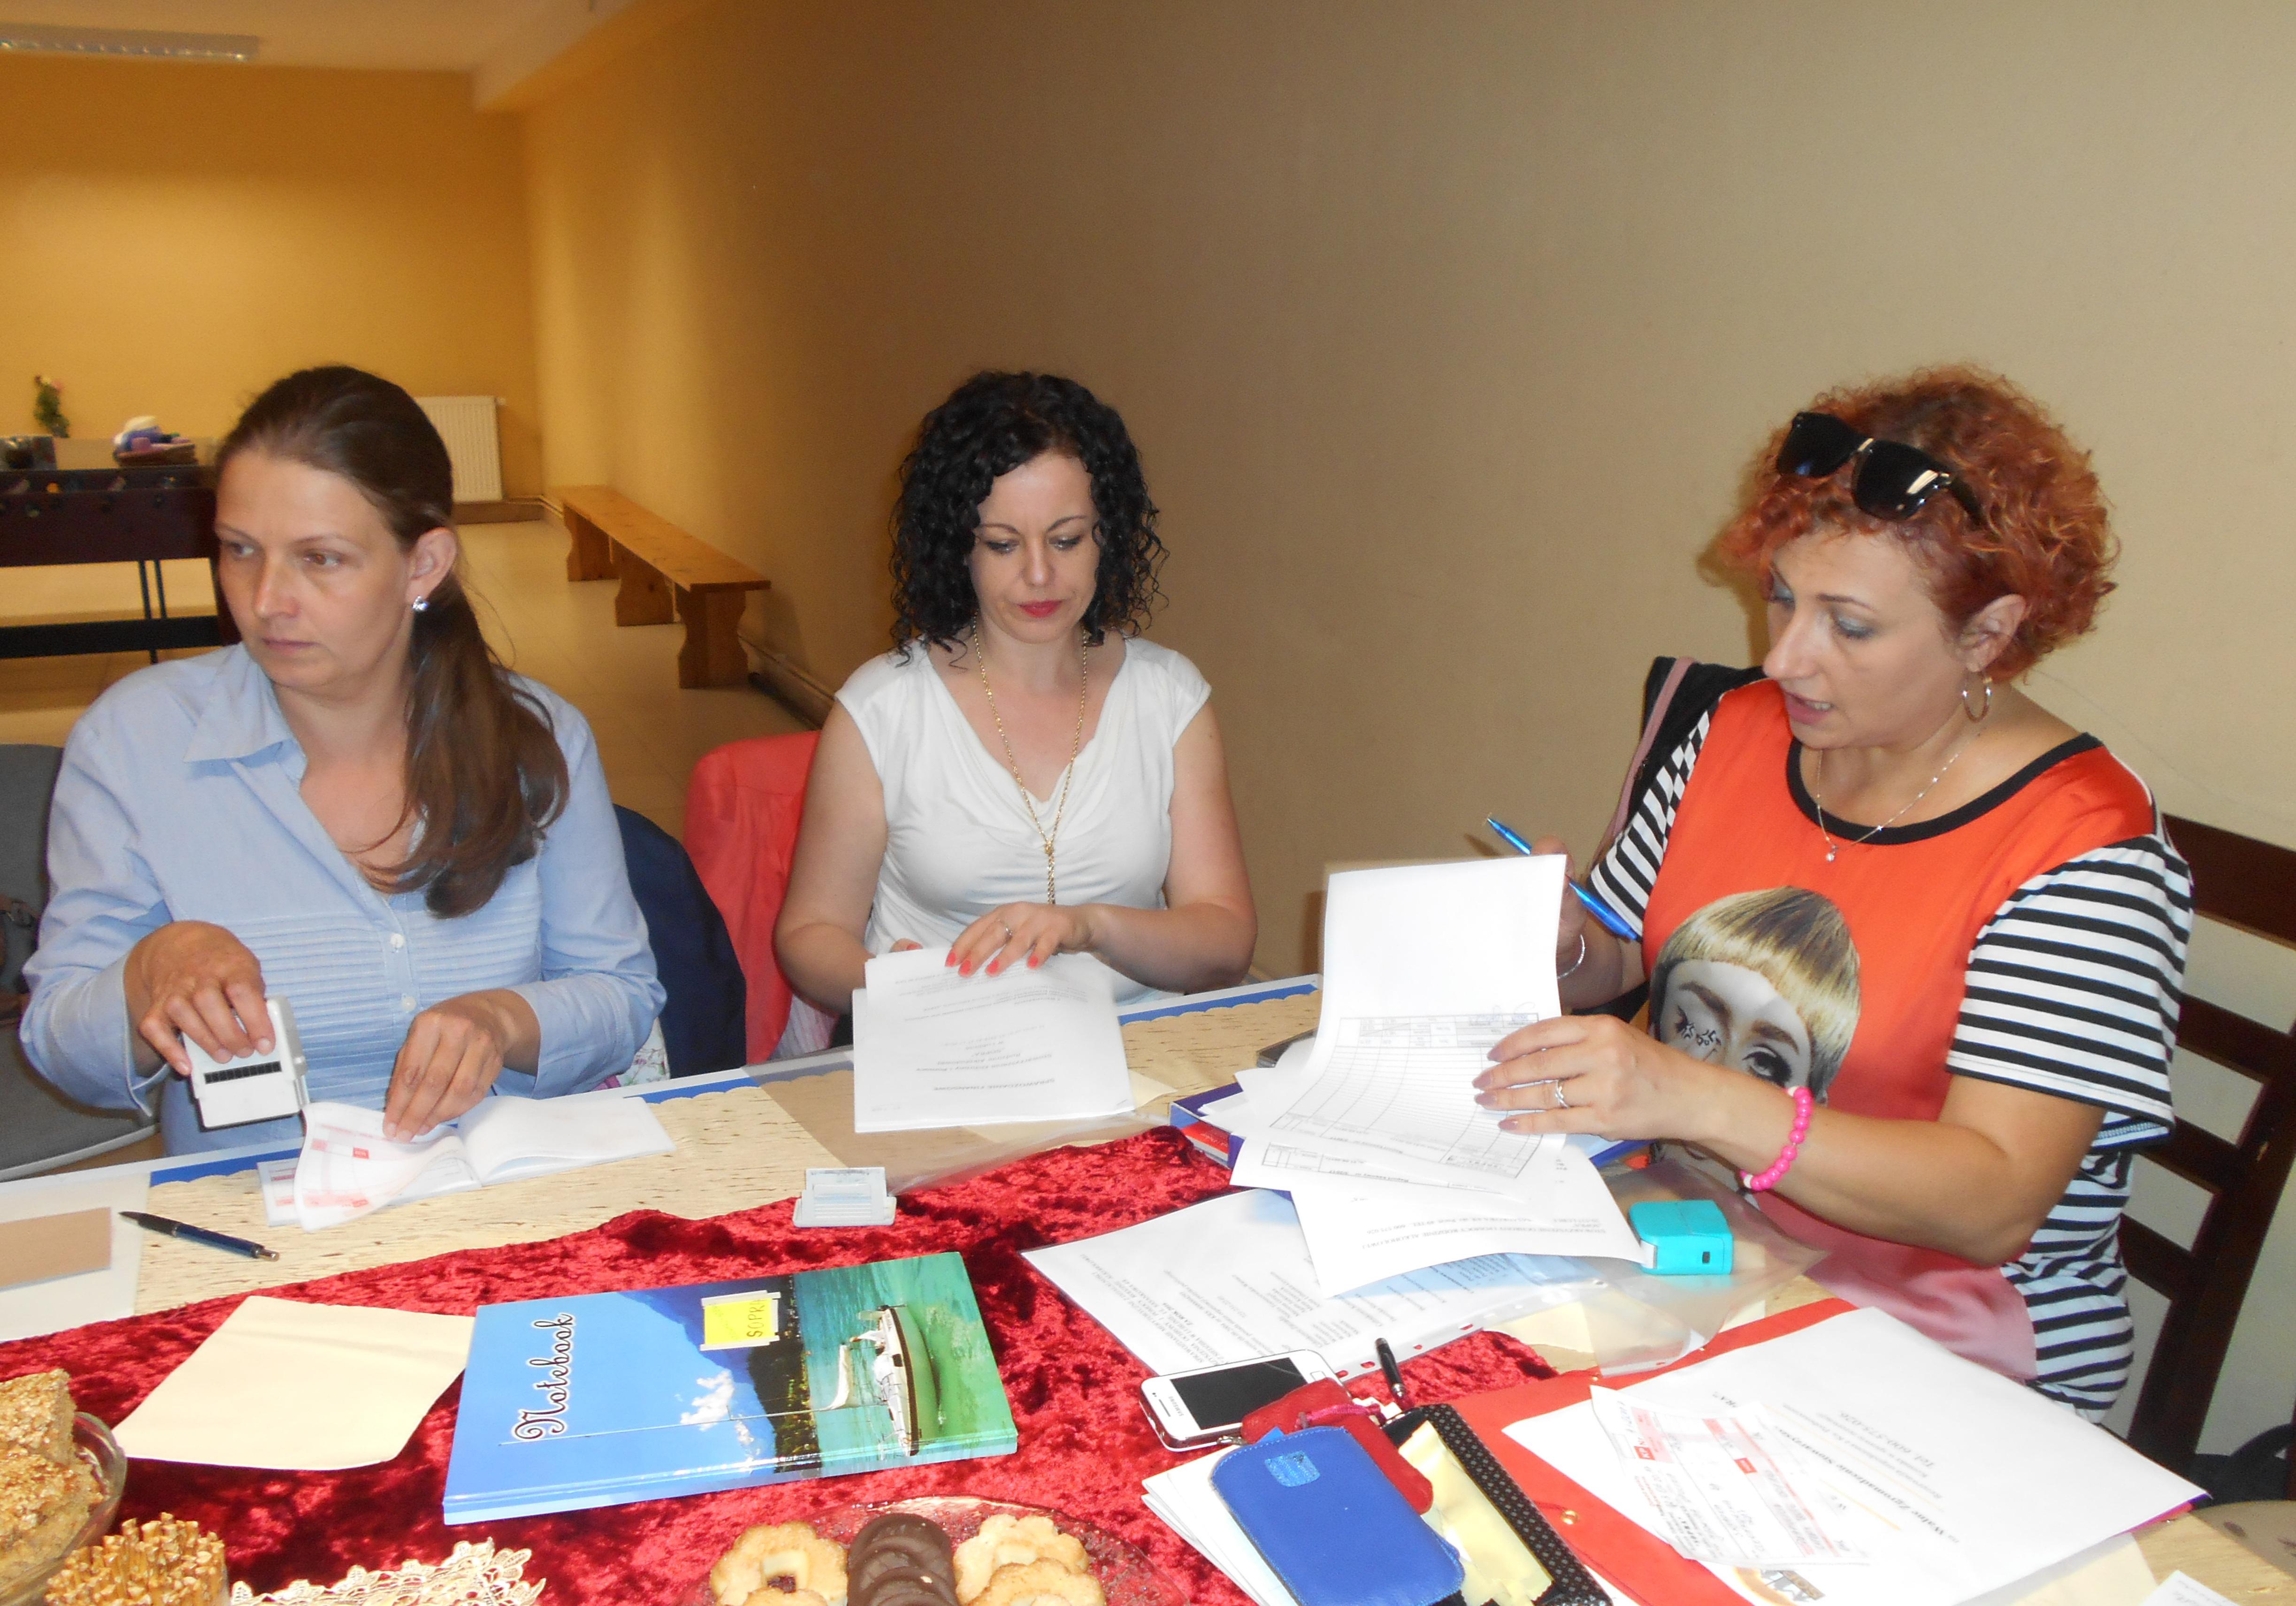 Przygotowanie spraw.finansowego i listy obecności oraz zbieranie składek- Walne Zgromadzenie Stowarzyszenia SOPRA w 2017 roku